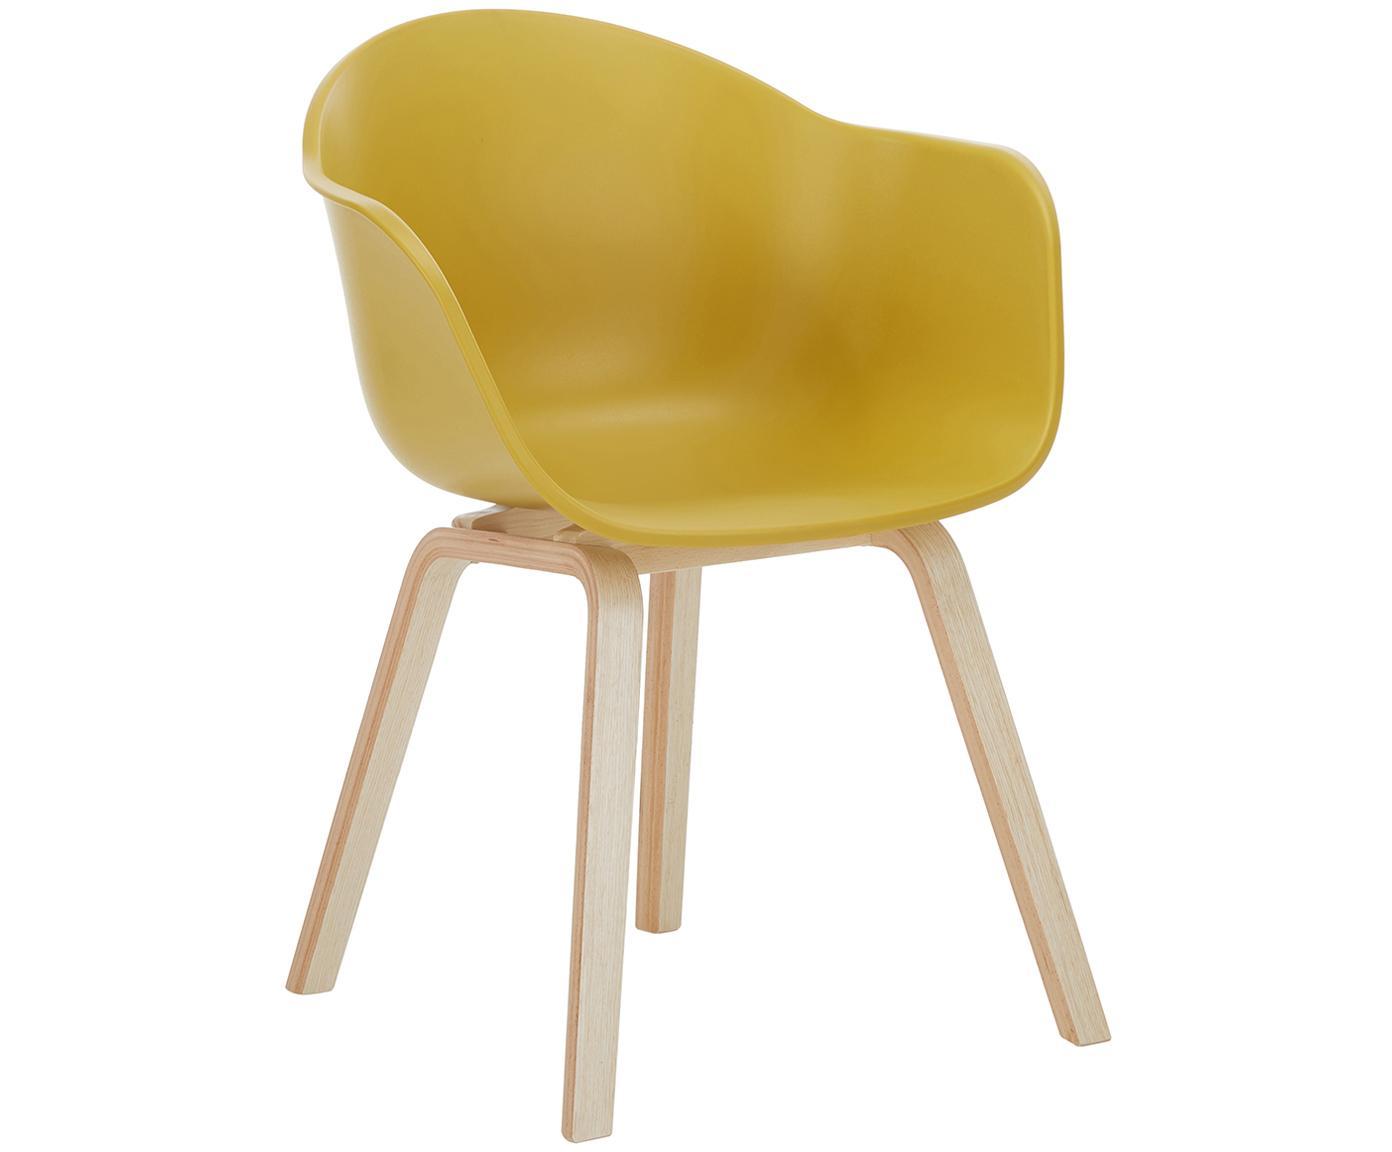 Krzesło z podłokietnikami z tworzywa sztucznego Claire, Nogi: drewno bukowe, Siedzisko: żółty Nogi: drewno bukowe, S 54 x G 60 cm